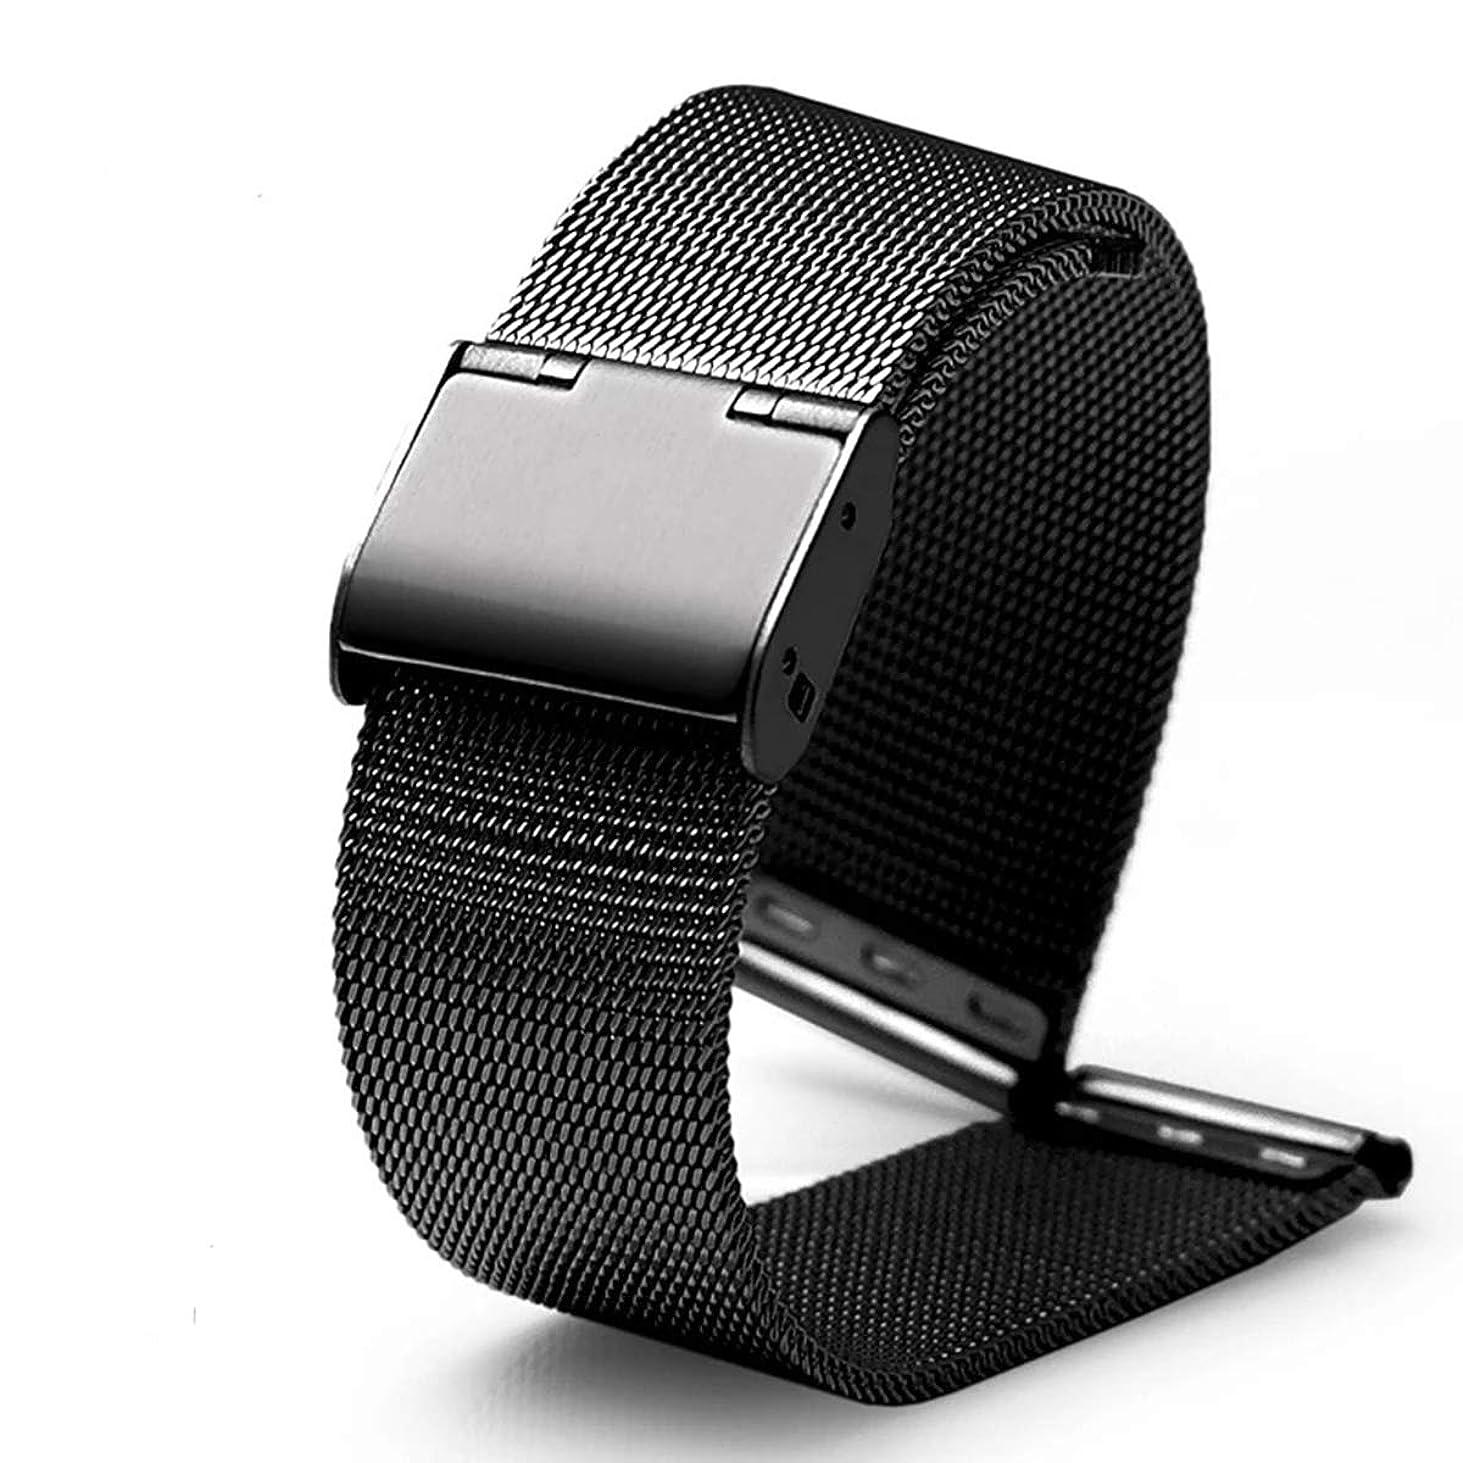 によって親指ゴミ箱DL時計ベルト, Milanese Meshステンレススチールメタルで使用可能な交換用のバンドブレスレットメンズレディース腕時計、ブラック、シルバー、18 mm / 20 mm / 22 mm